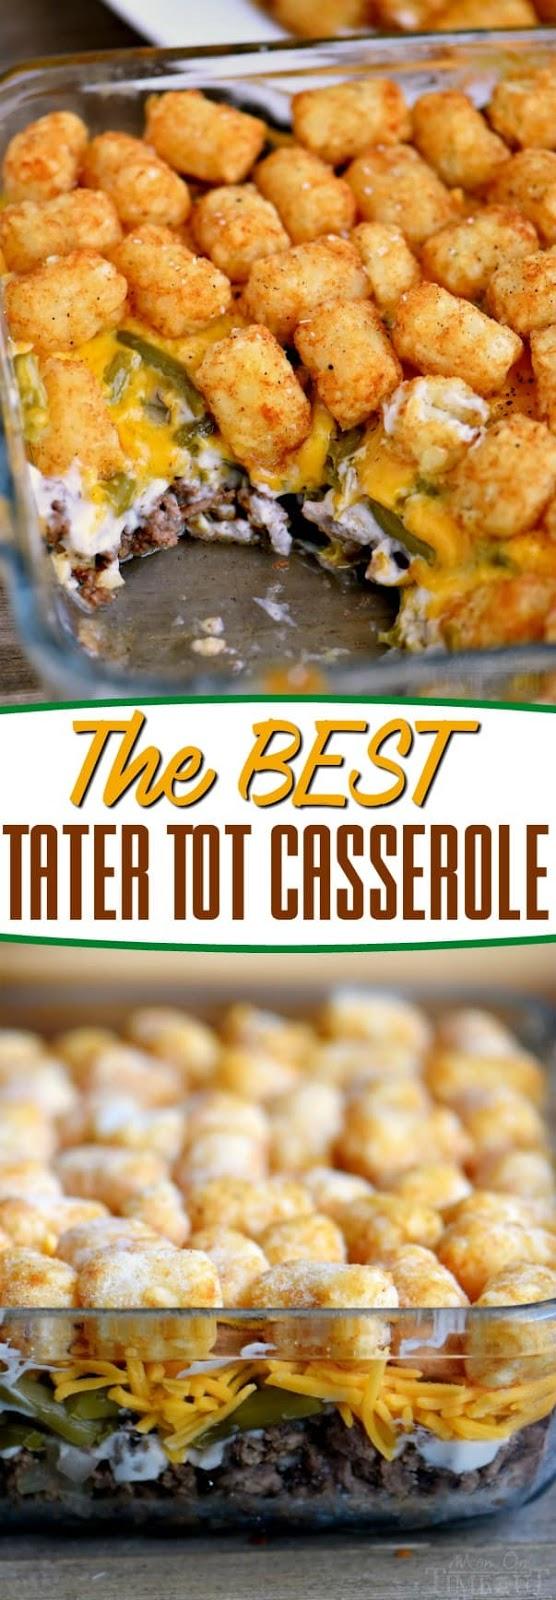 Best Tater Tot Casserole Recipe